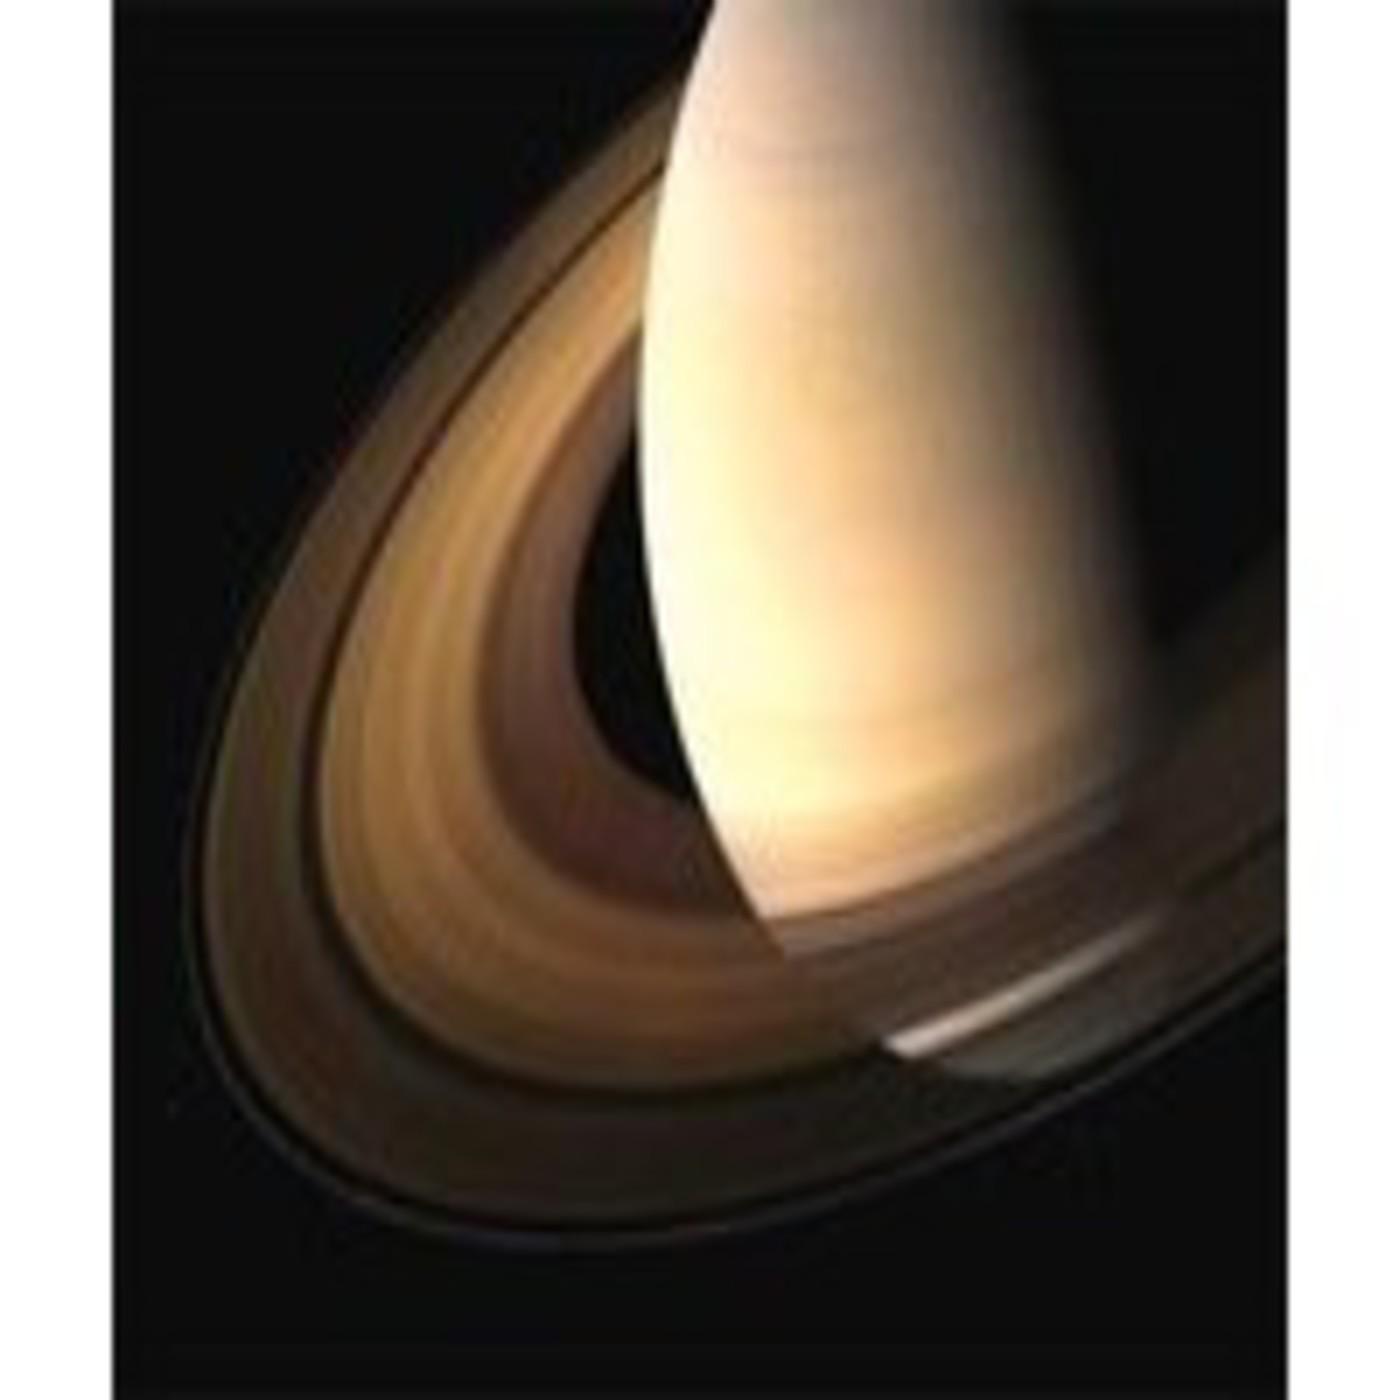 140428 Ciencia para todos - Los anillos de Saturno, un microcosmos rodeando un planeta